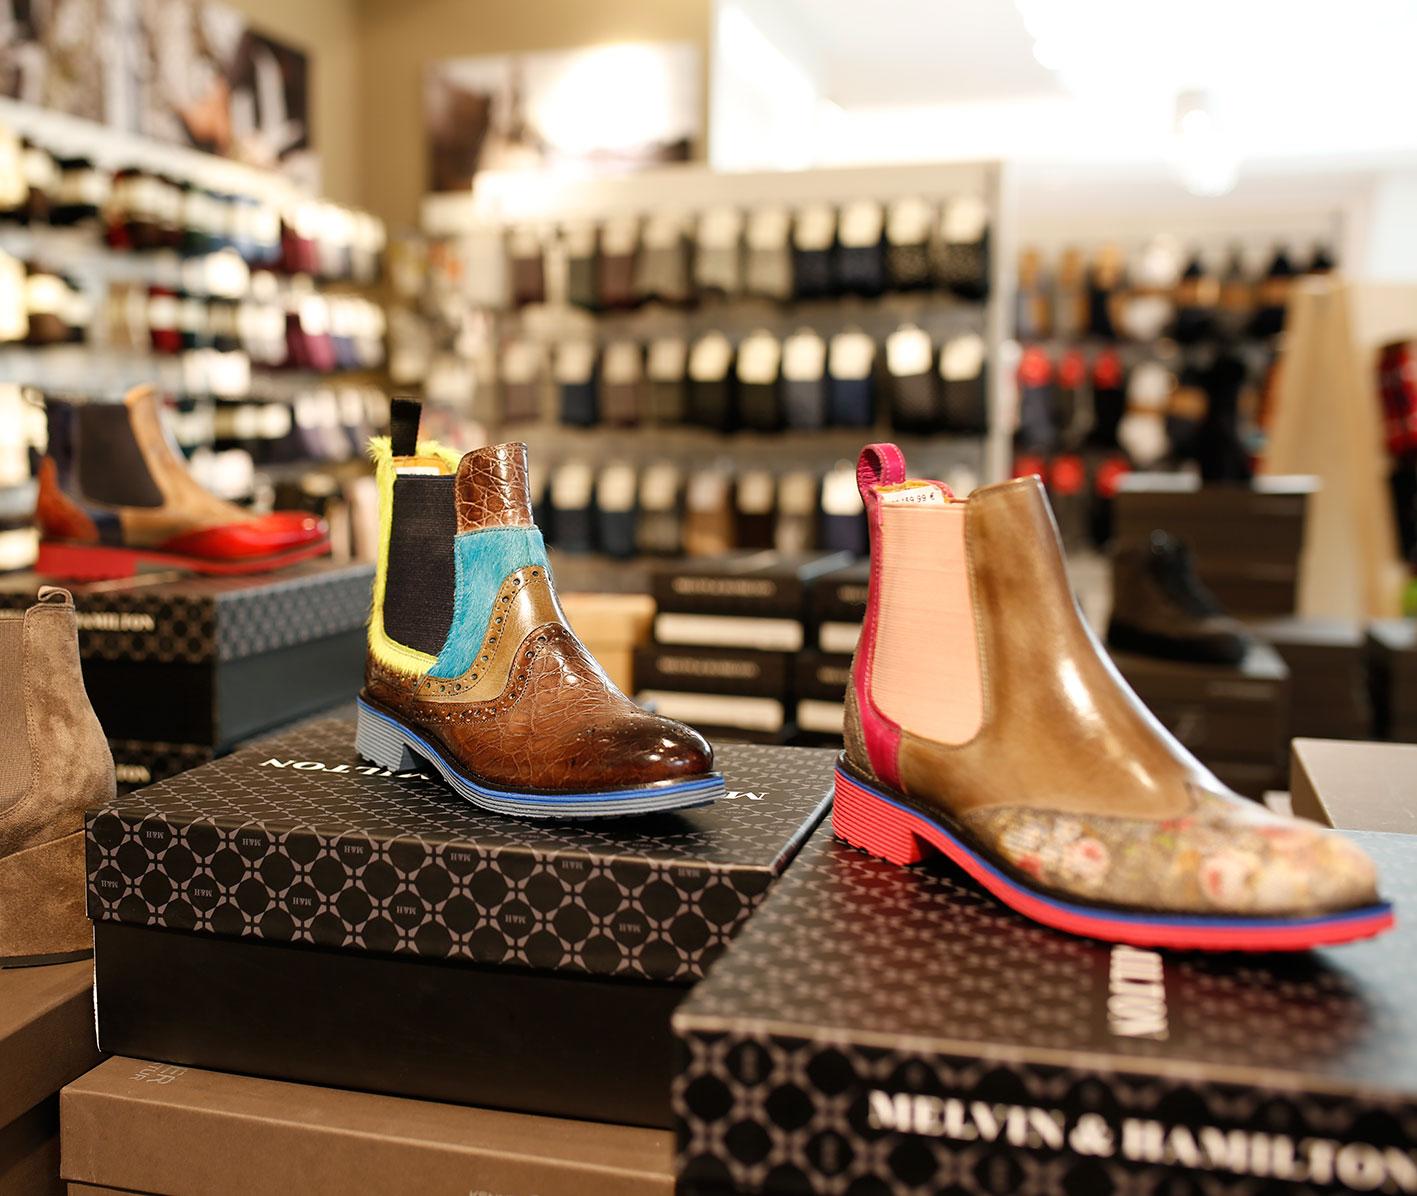 Schuhe, die Maßstäbe setzen